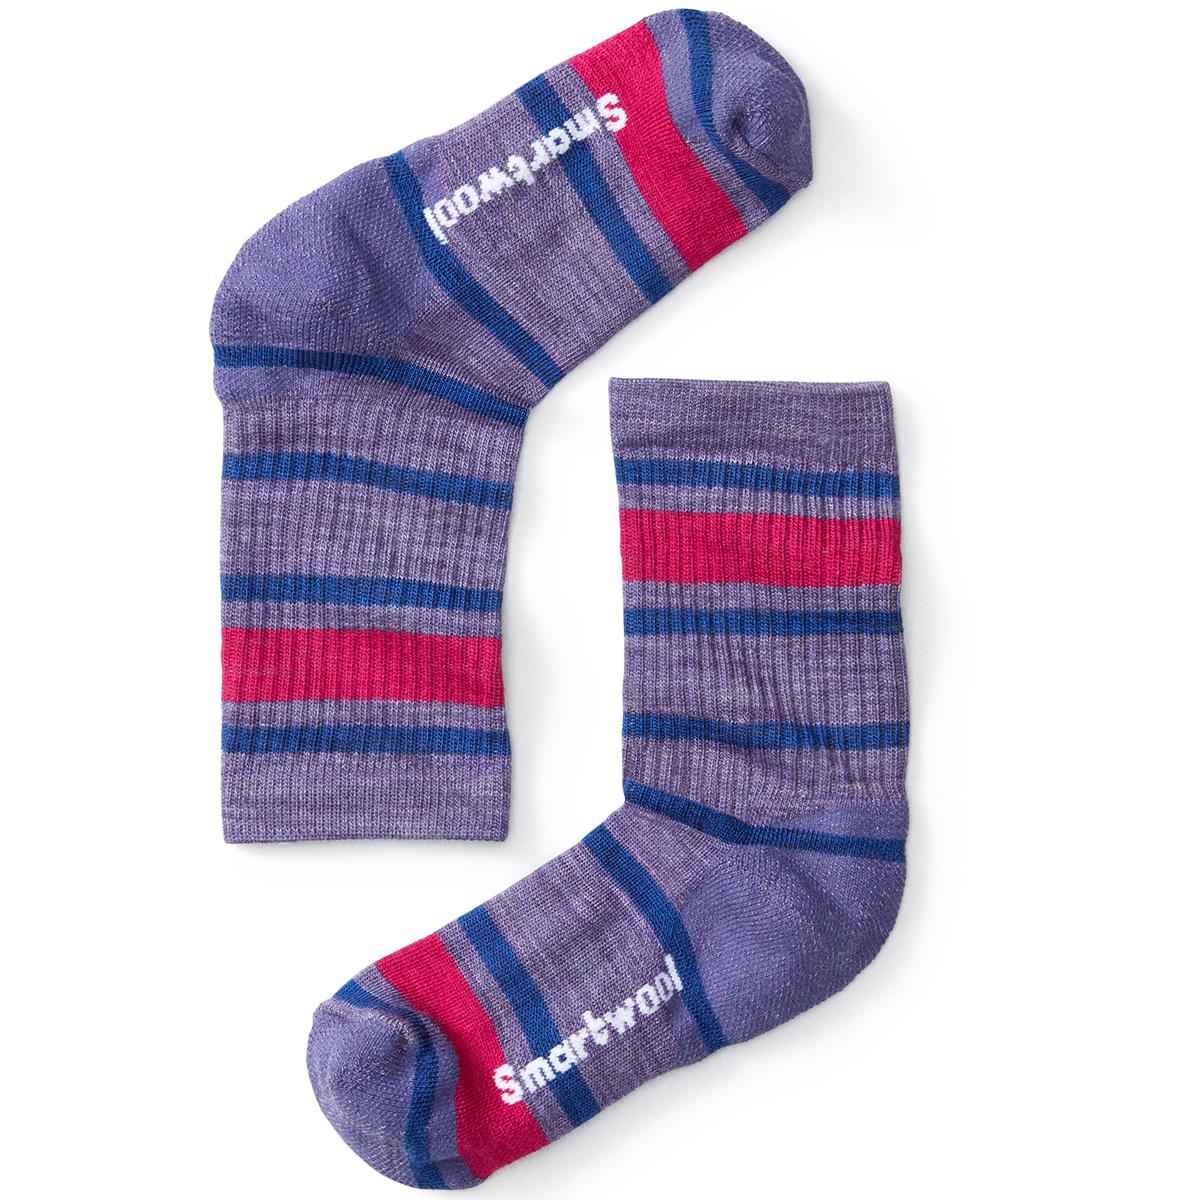 Smartwool Kids' Striped Hike Light Crew Socks - Purple, L